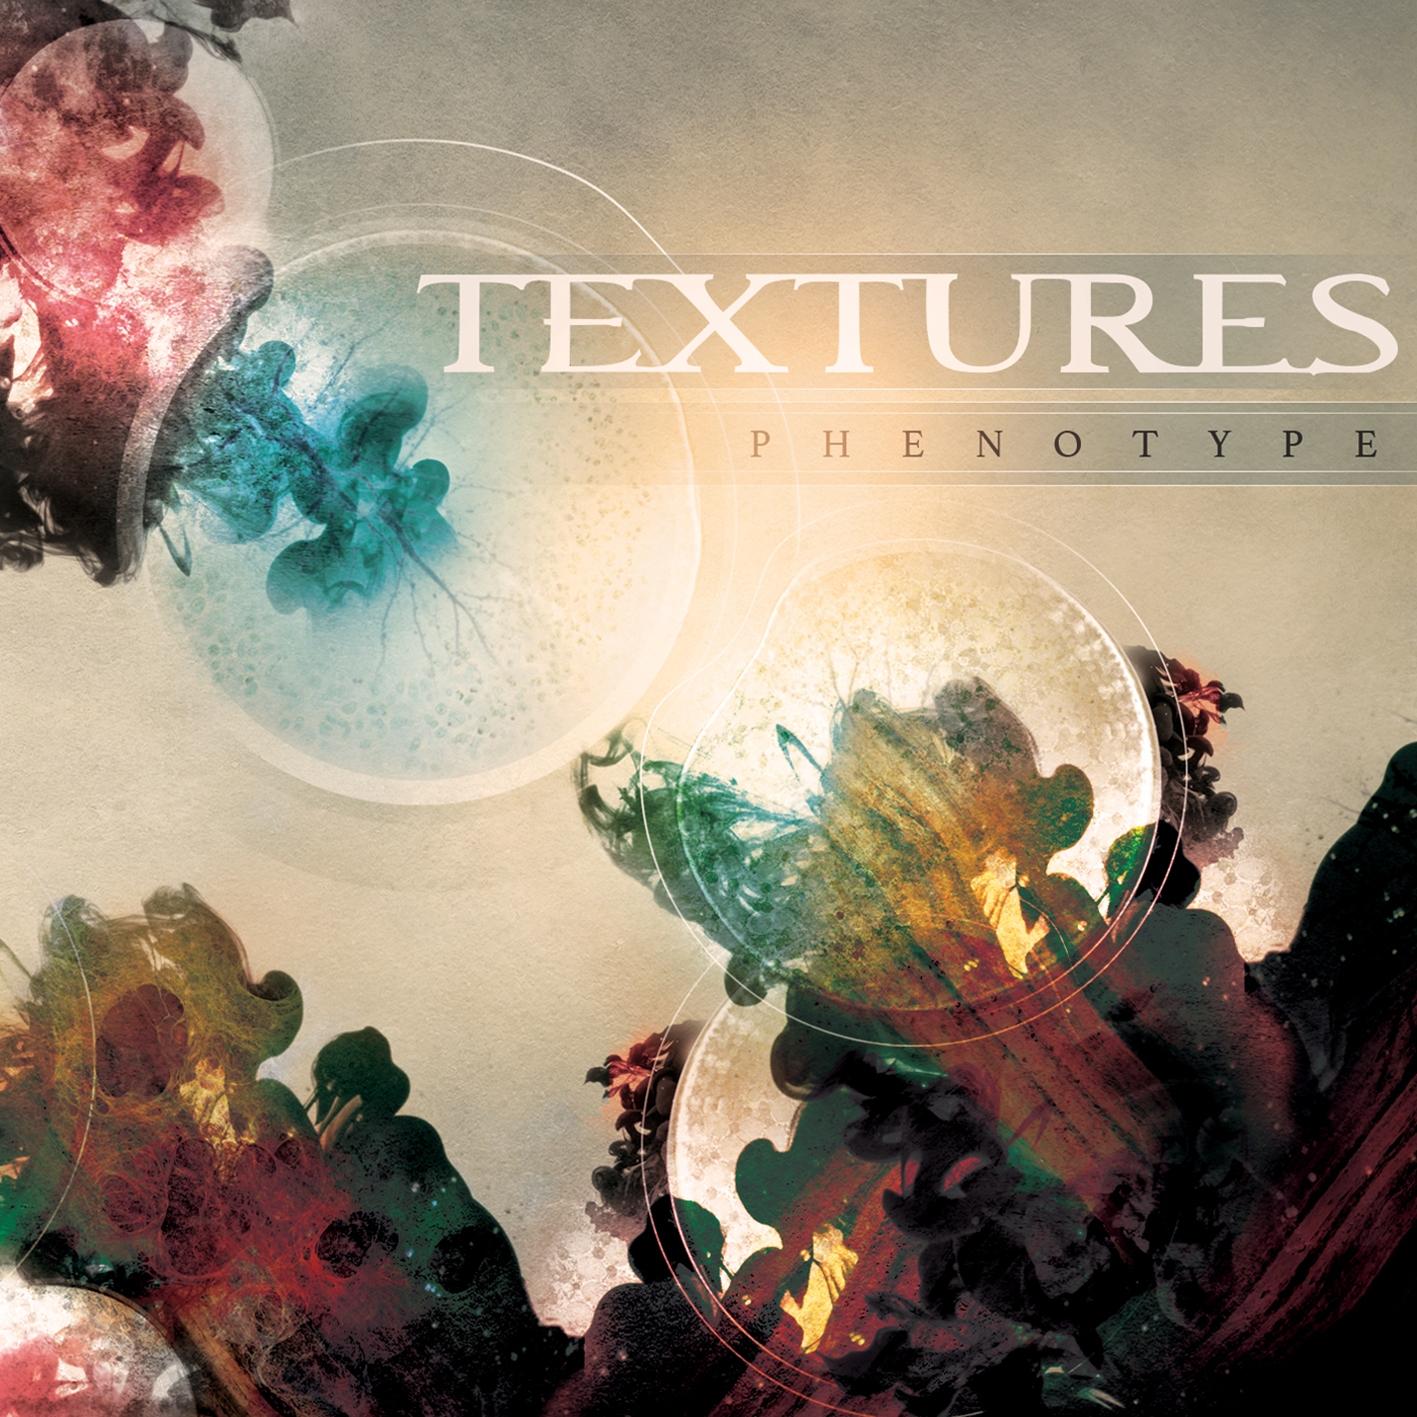 Textures - Phenotype - Artwork